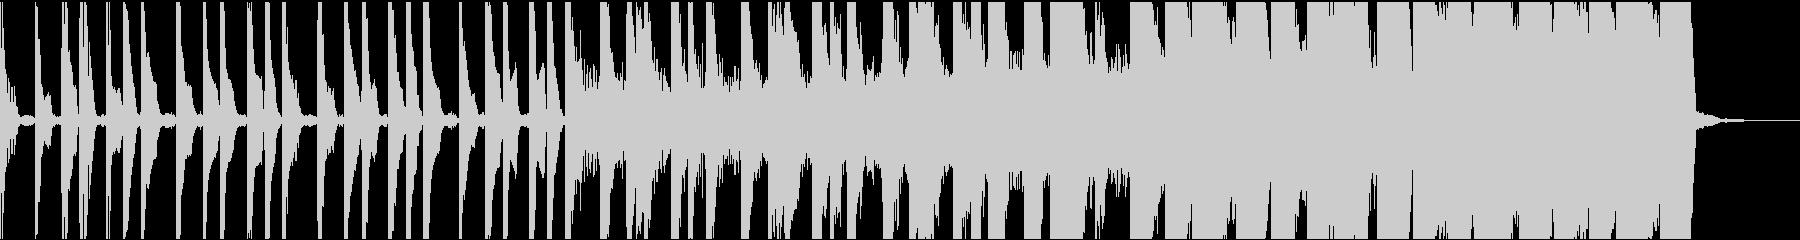 ゴリゴリEDM OP、ゲームの未再生の波形